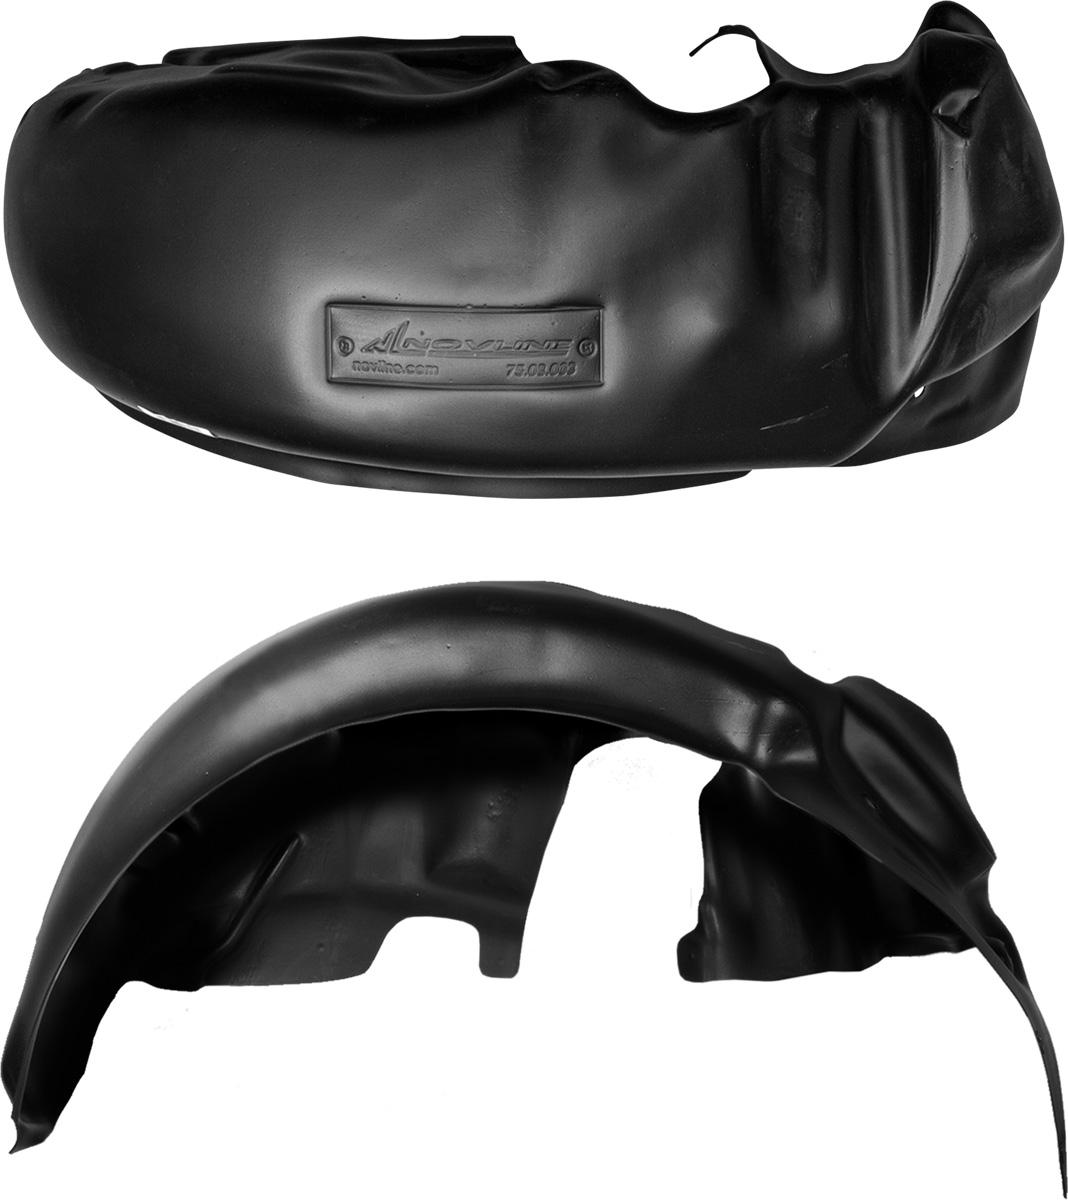 Подкрылок Novline-Autofamily, для Mitsubishi Pajero Sport 2008->, задний левыйVCA-00Колесные ниши - одни из самых уязвимых зон днища вашего автомобиля. Они постоянно подвергаются воздействию со стороны дороги. Лучшая, почти абсолютная защита для них - специально отформованные пластиковые кожухи, которые называются подкрылками. Производятся они как для отечественных моделей автомобилей, так и для иномарок. Подкрылки Novline-Autofamily выполнены из высококачественного, экологически чистого пластика. Обеспечивают надежную защиту кузова автомобиля от пескоструйного эффекта и негативного влияния, агрессивных антигололедных реагентов. Пластик обладает более низкой теплопроводностью, чем металл, поэтому в зимний период эксплуатации использование пластиковых подкрылков позволяет лучше защитить колесные ниши от налипания снега и образования наледи. Оригинальность конструкции подчеркивает элегантность автомобиля, бережно защищает нанесенное на днище кузова антикоррозийное покрытие и позволяет осуществить крепление подкрылков внутри колесной арки практически без дополнительного крепежа и сверления, не нарушая при этом лакокрасочного покрытия, что предотвращает возникновение новых очагов коррозии. Подкрылки долговечны, обладают высокой прочностью и сохраняют заданную форму, а также все свои физико-механические характеристики в самых тяжелых климатических условиях (от -50°С до +50°С).Уважаемые клиенты!Обращаем ваше внимание, на тот факт, что подкрылок имеет форму, соответствующую модели данного автомобиля. Фото служит для визуального восприятия товара.